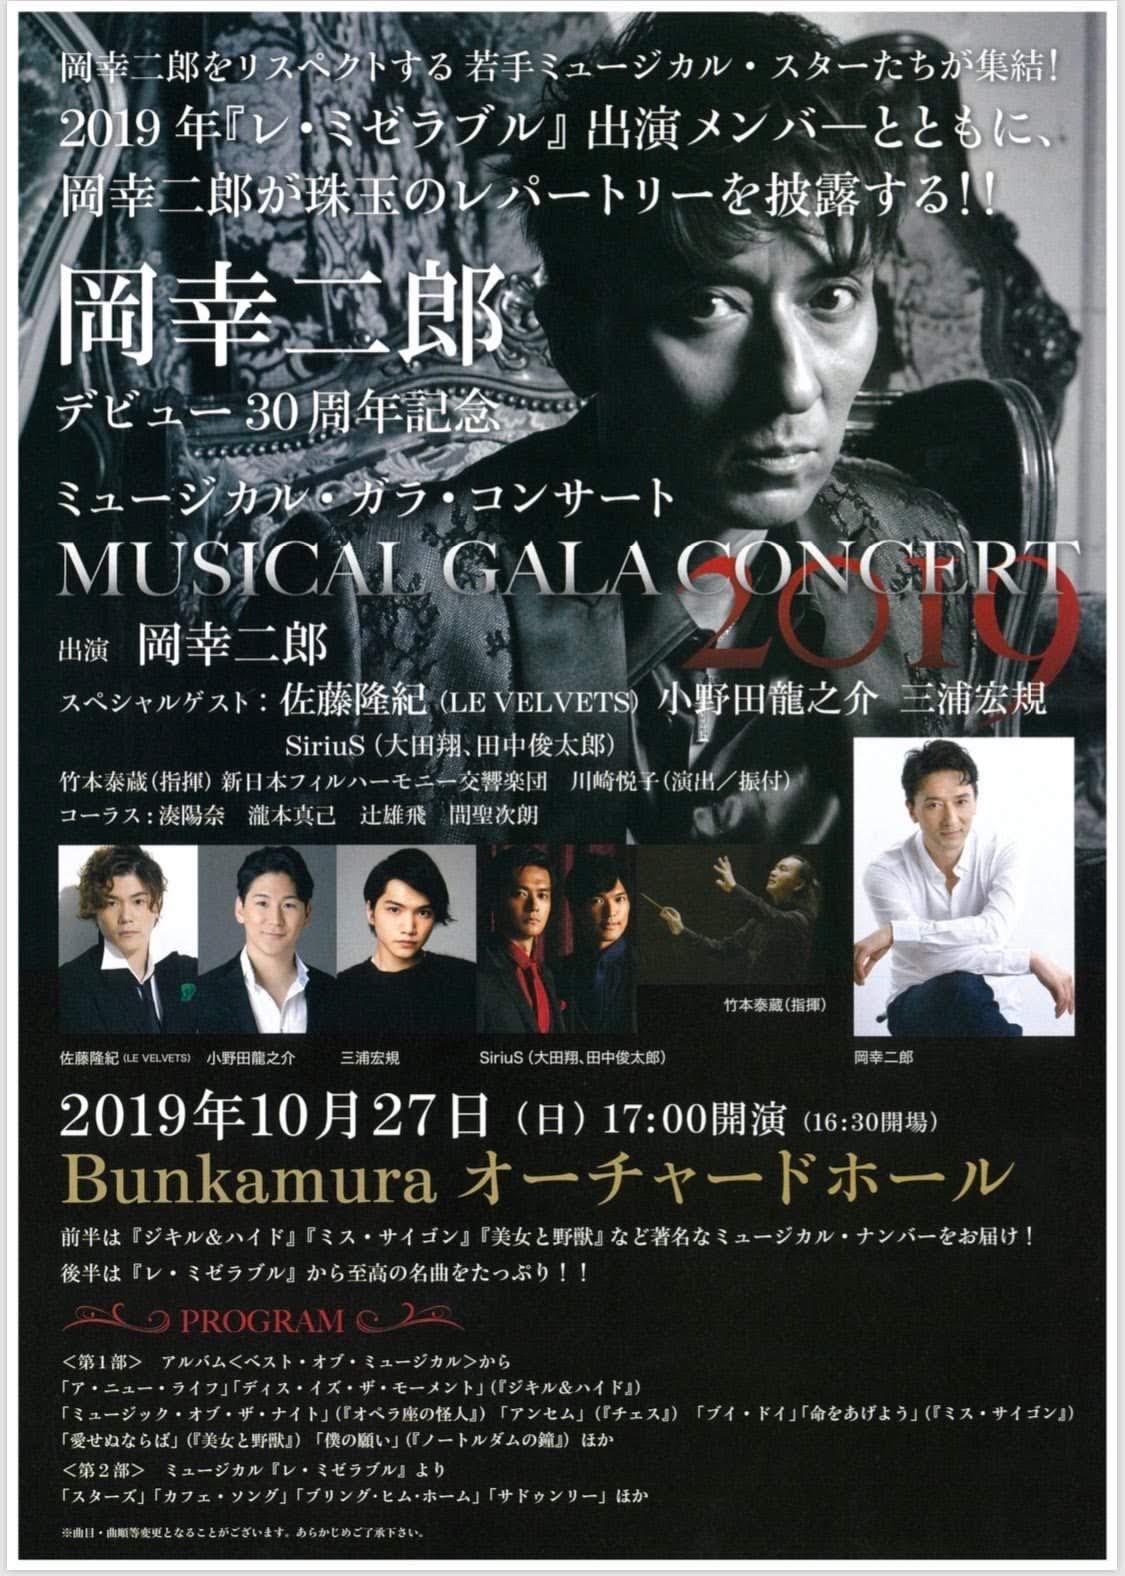 岡幸二郎デビュー30周年記念  ミュージカル・ガラ・コンサート